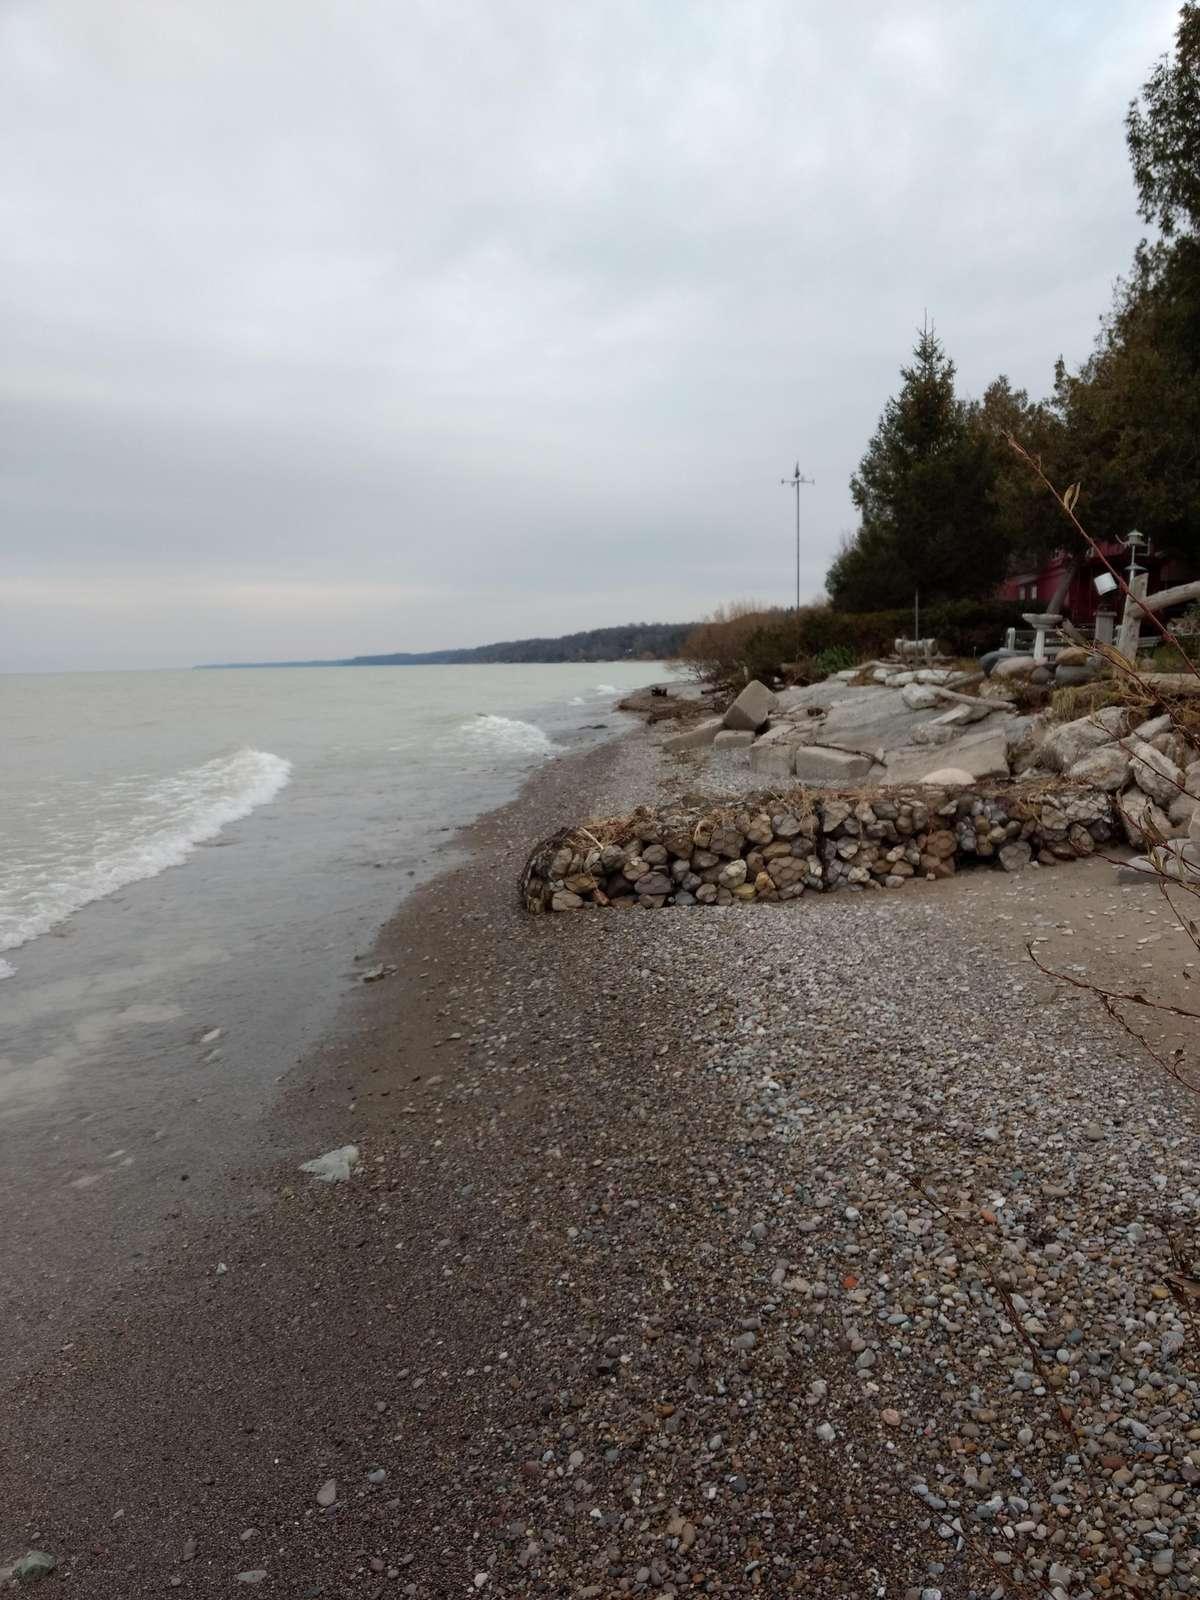 Beach access a cloudy Dec 02,2017